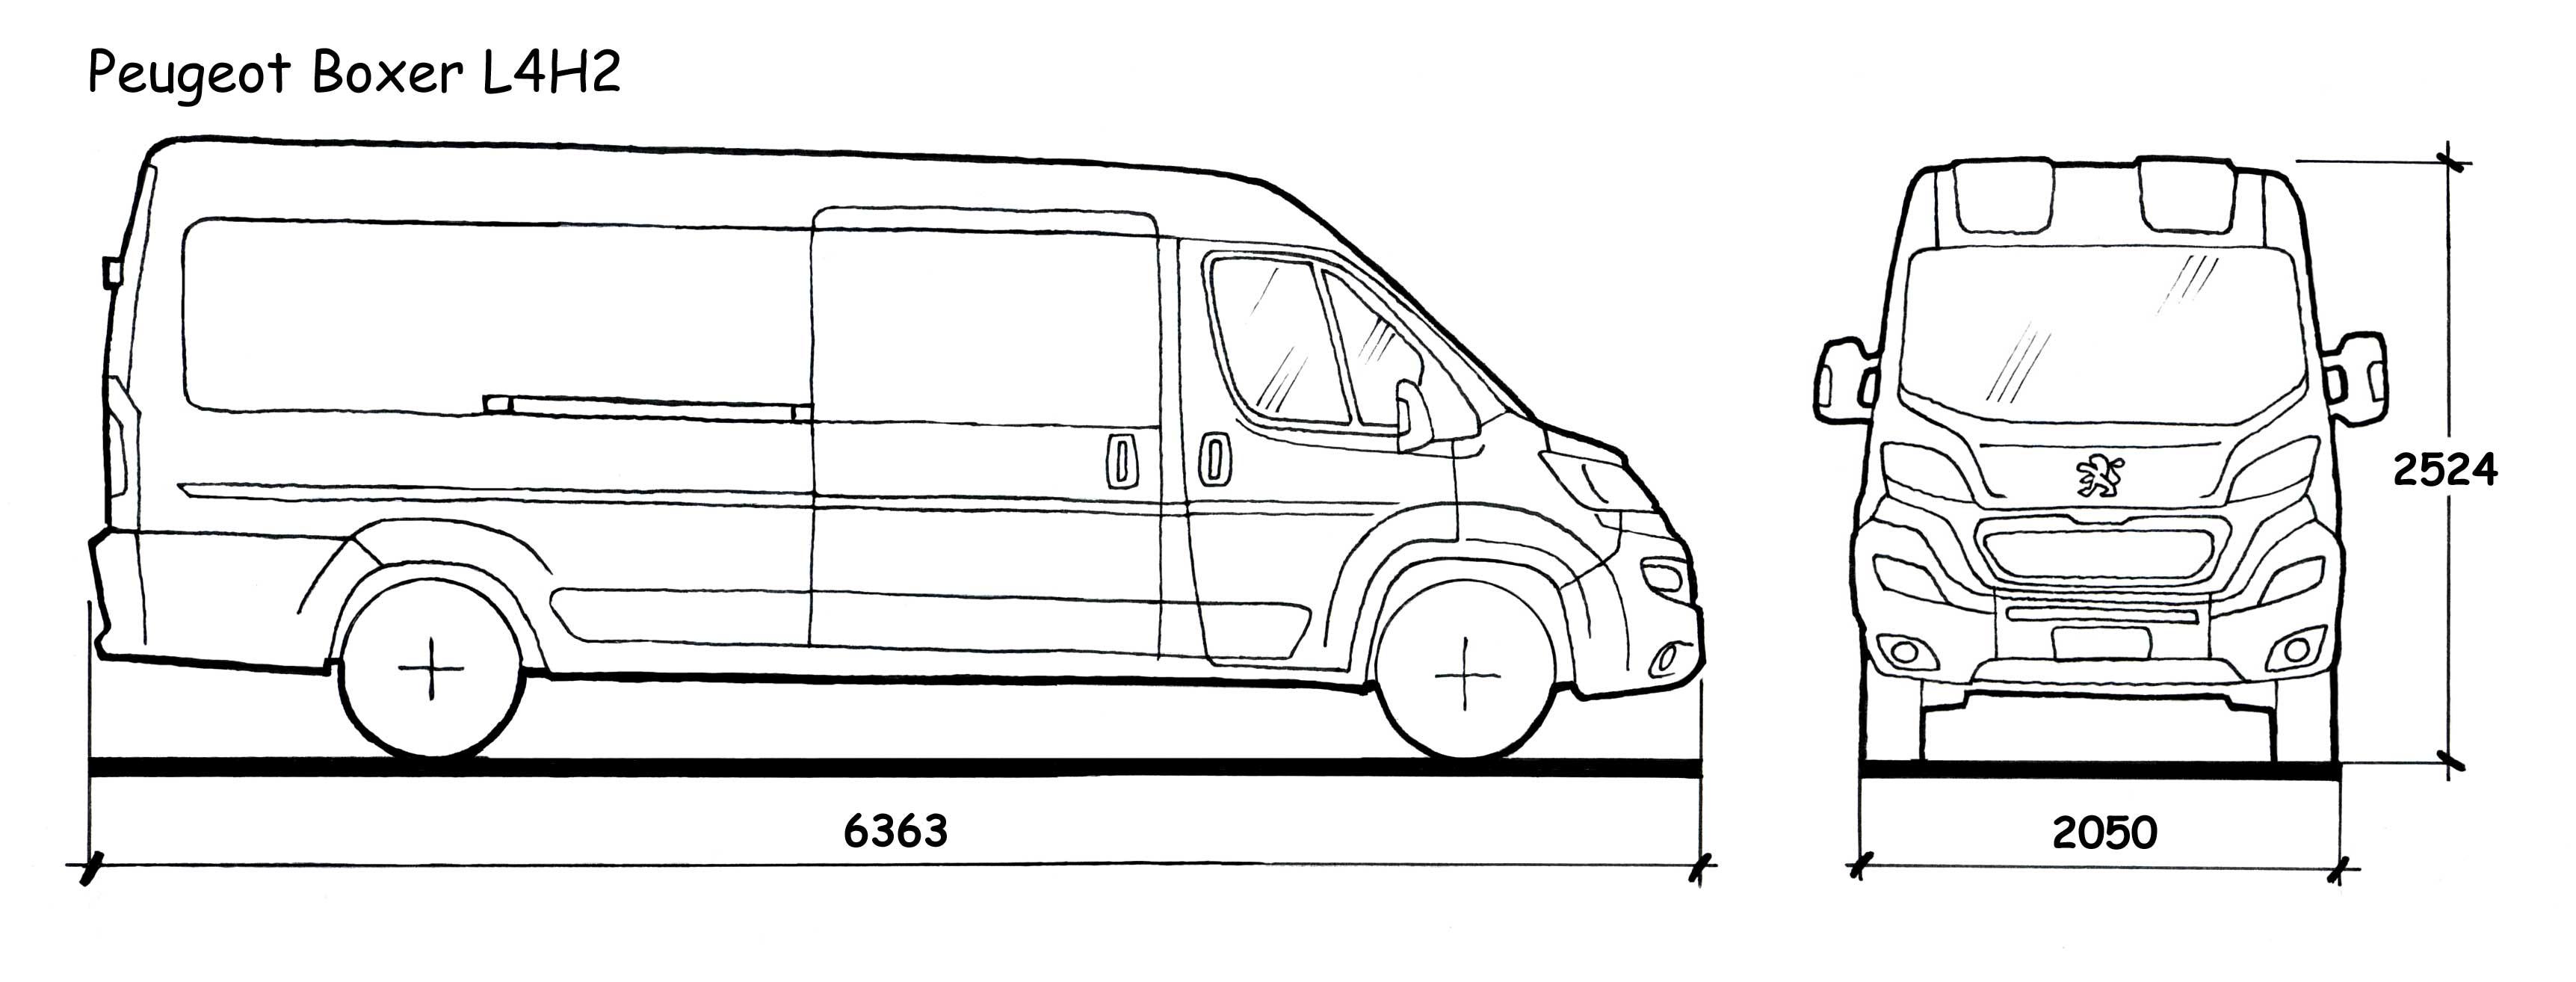 Peugeot Boxer Dimensions Interieures. informations sur le